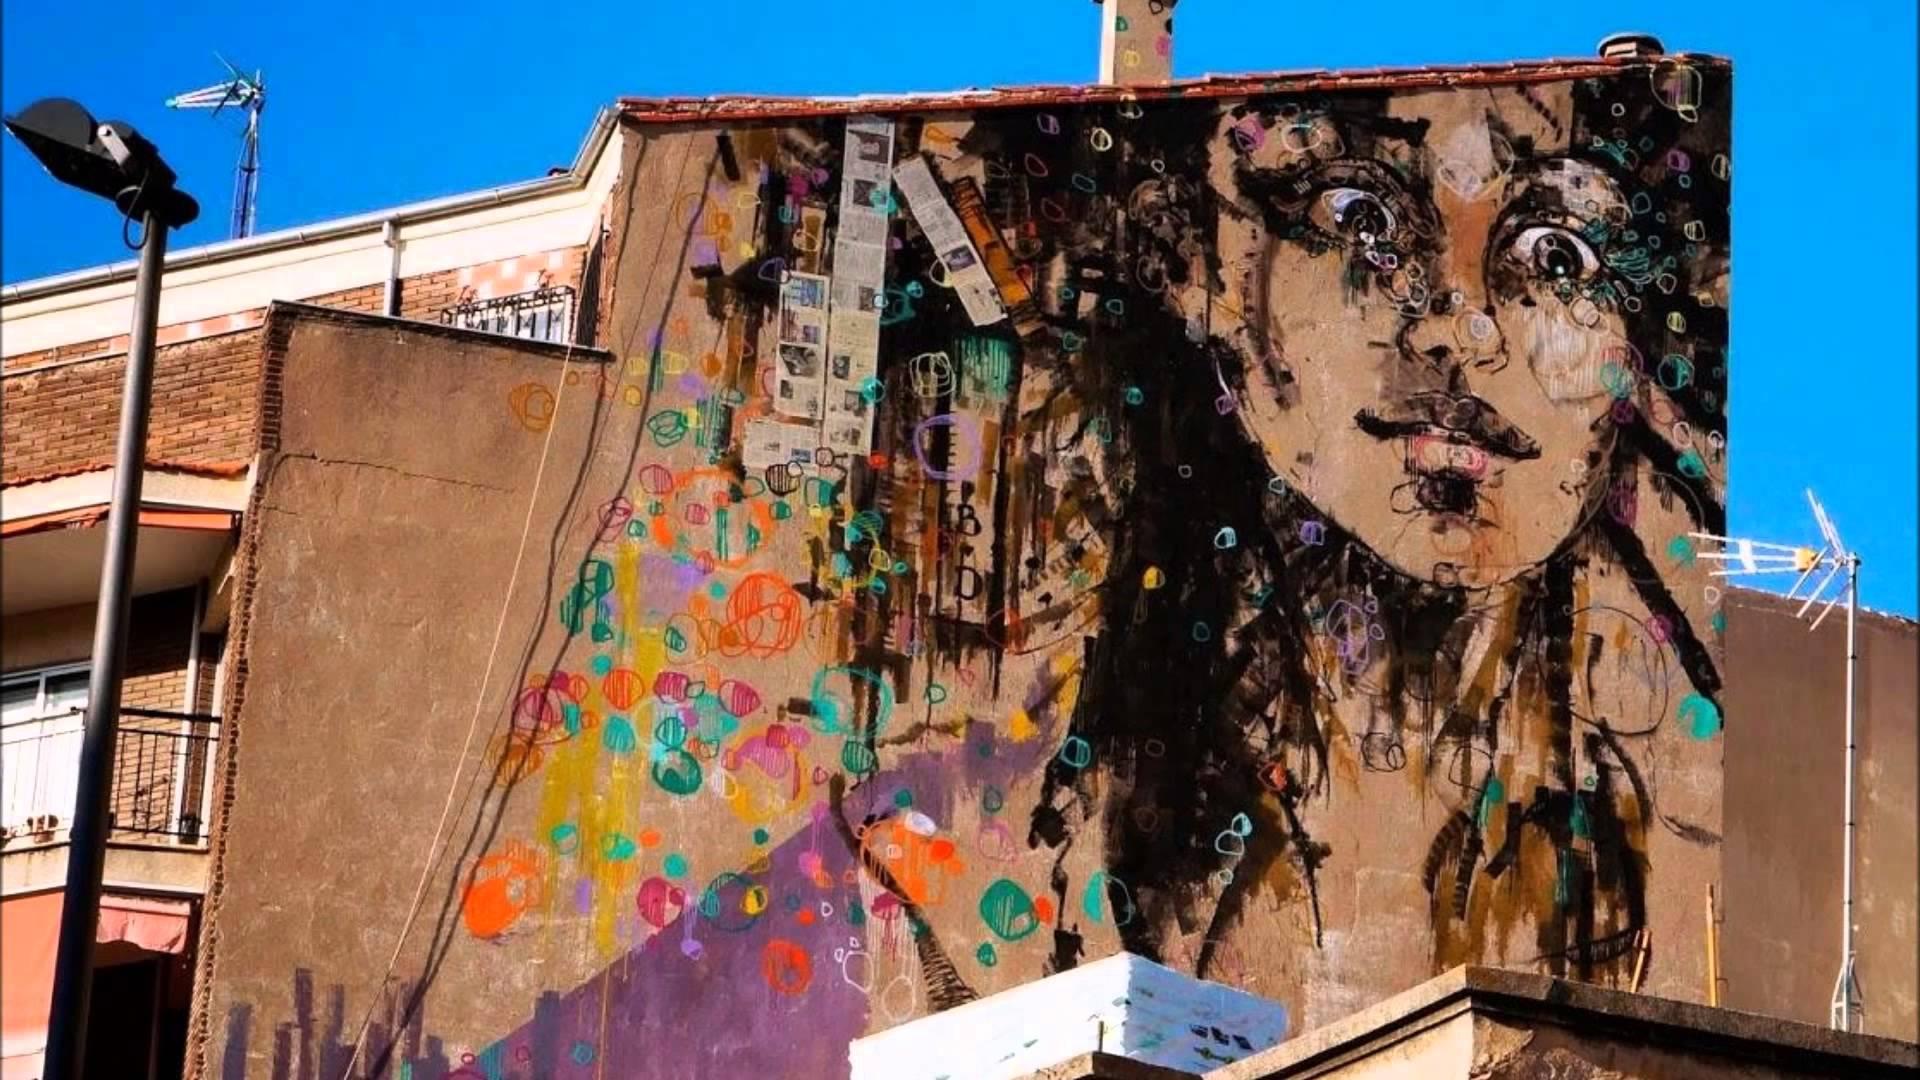 Ya está abierta la convocatoria para el Concurso Galería Urbana del Barrio del Oeste